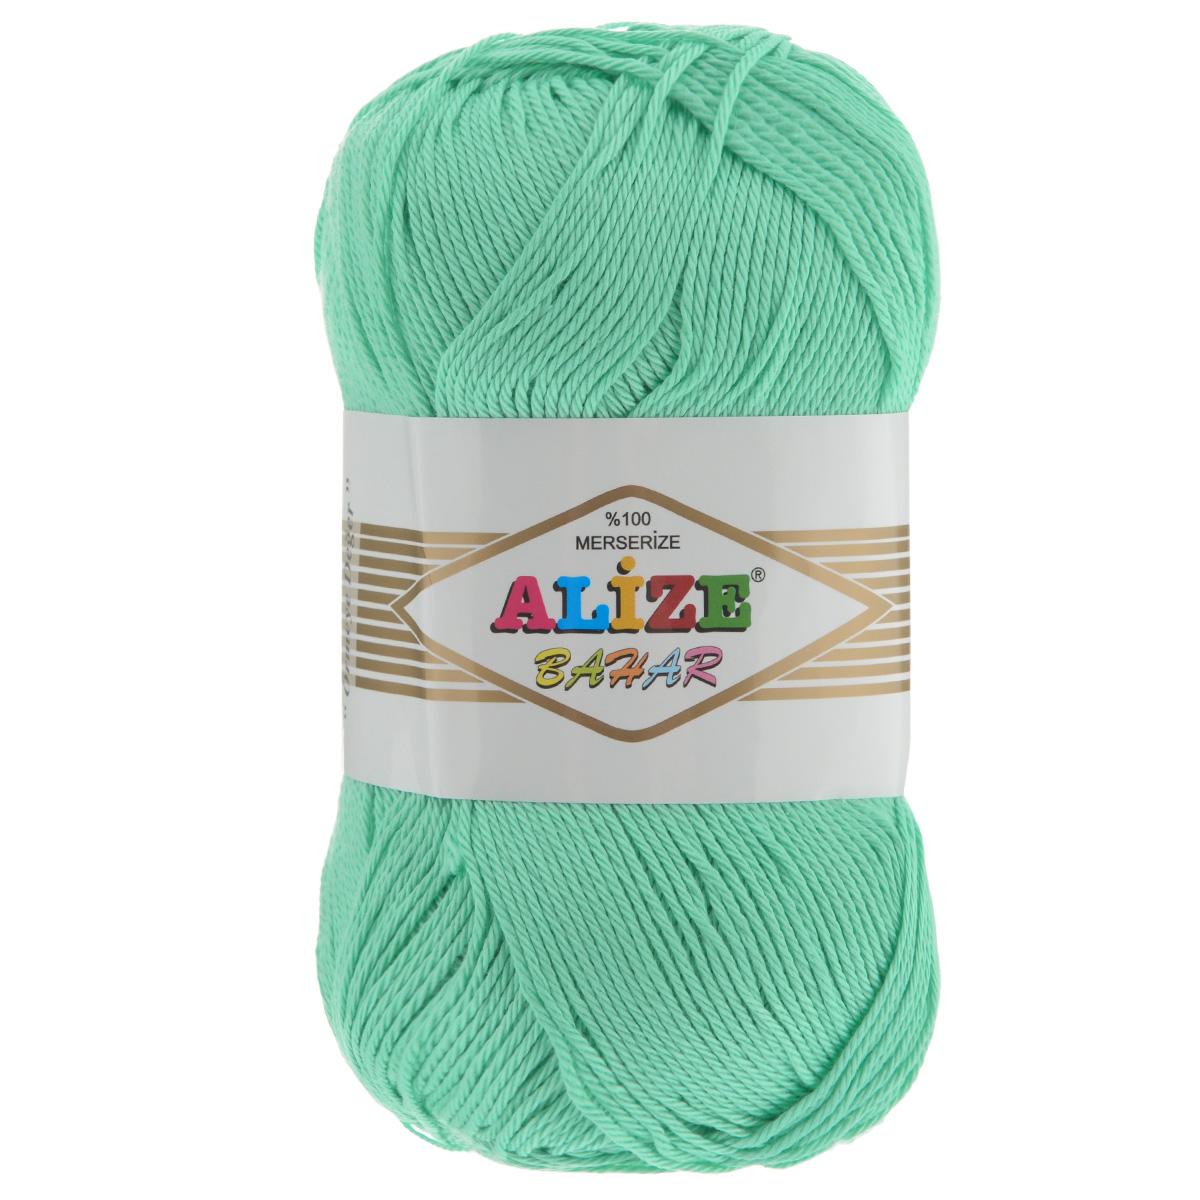 Пряжа для вязания Alize Bahar, цвет: салатовый (465), 260 м, 100 г, 5 шт364089_465Пряжа Alize Bahar подходит для ручного вязания детям и взрослым. Пряжа однотонная, приятная на ощупь, хорошо лежит в полотне. Изделия из такой нити получаются мягкие и красивые. Рекомендованные спицы 3-5 мм и крючок для вязания 2-4 мм. Комплектация: 5 мотков. Состав: 100% хлопок.